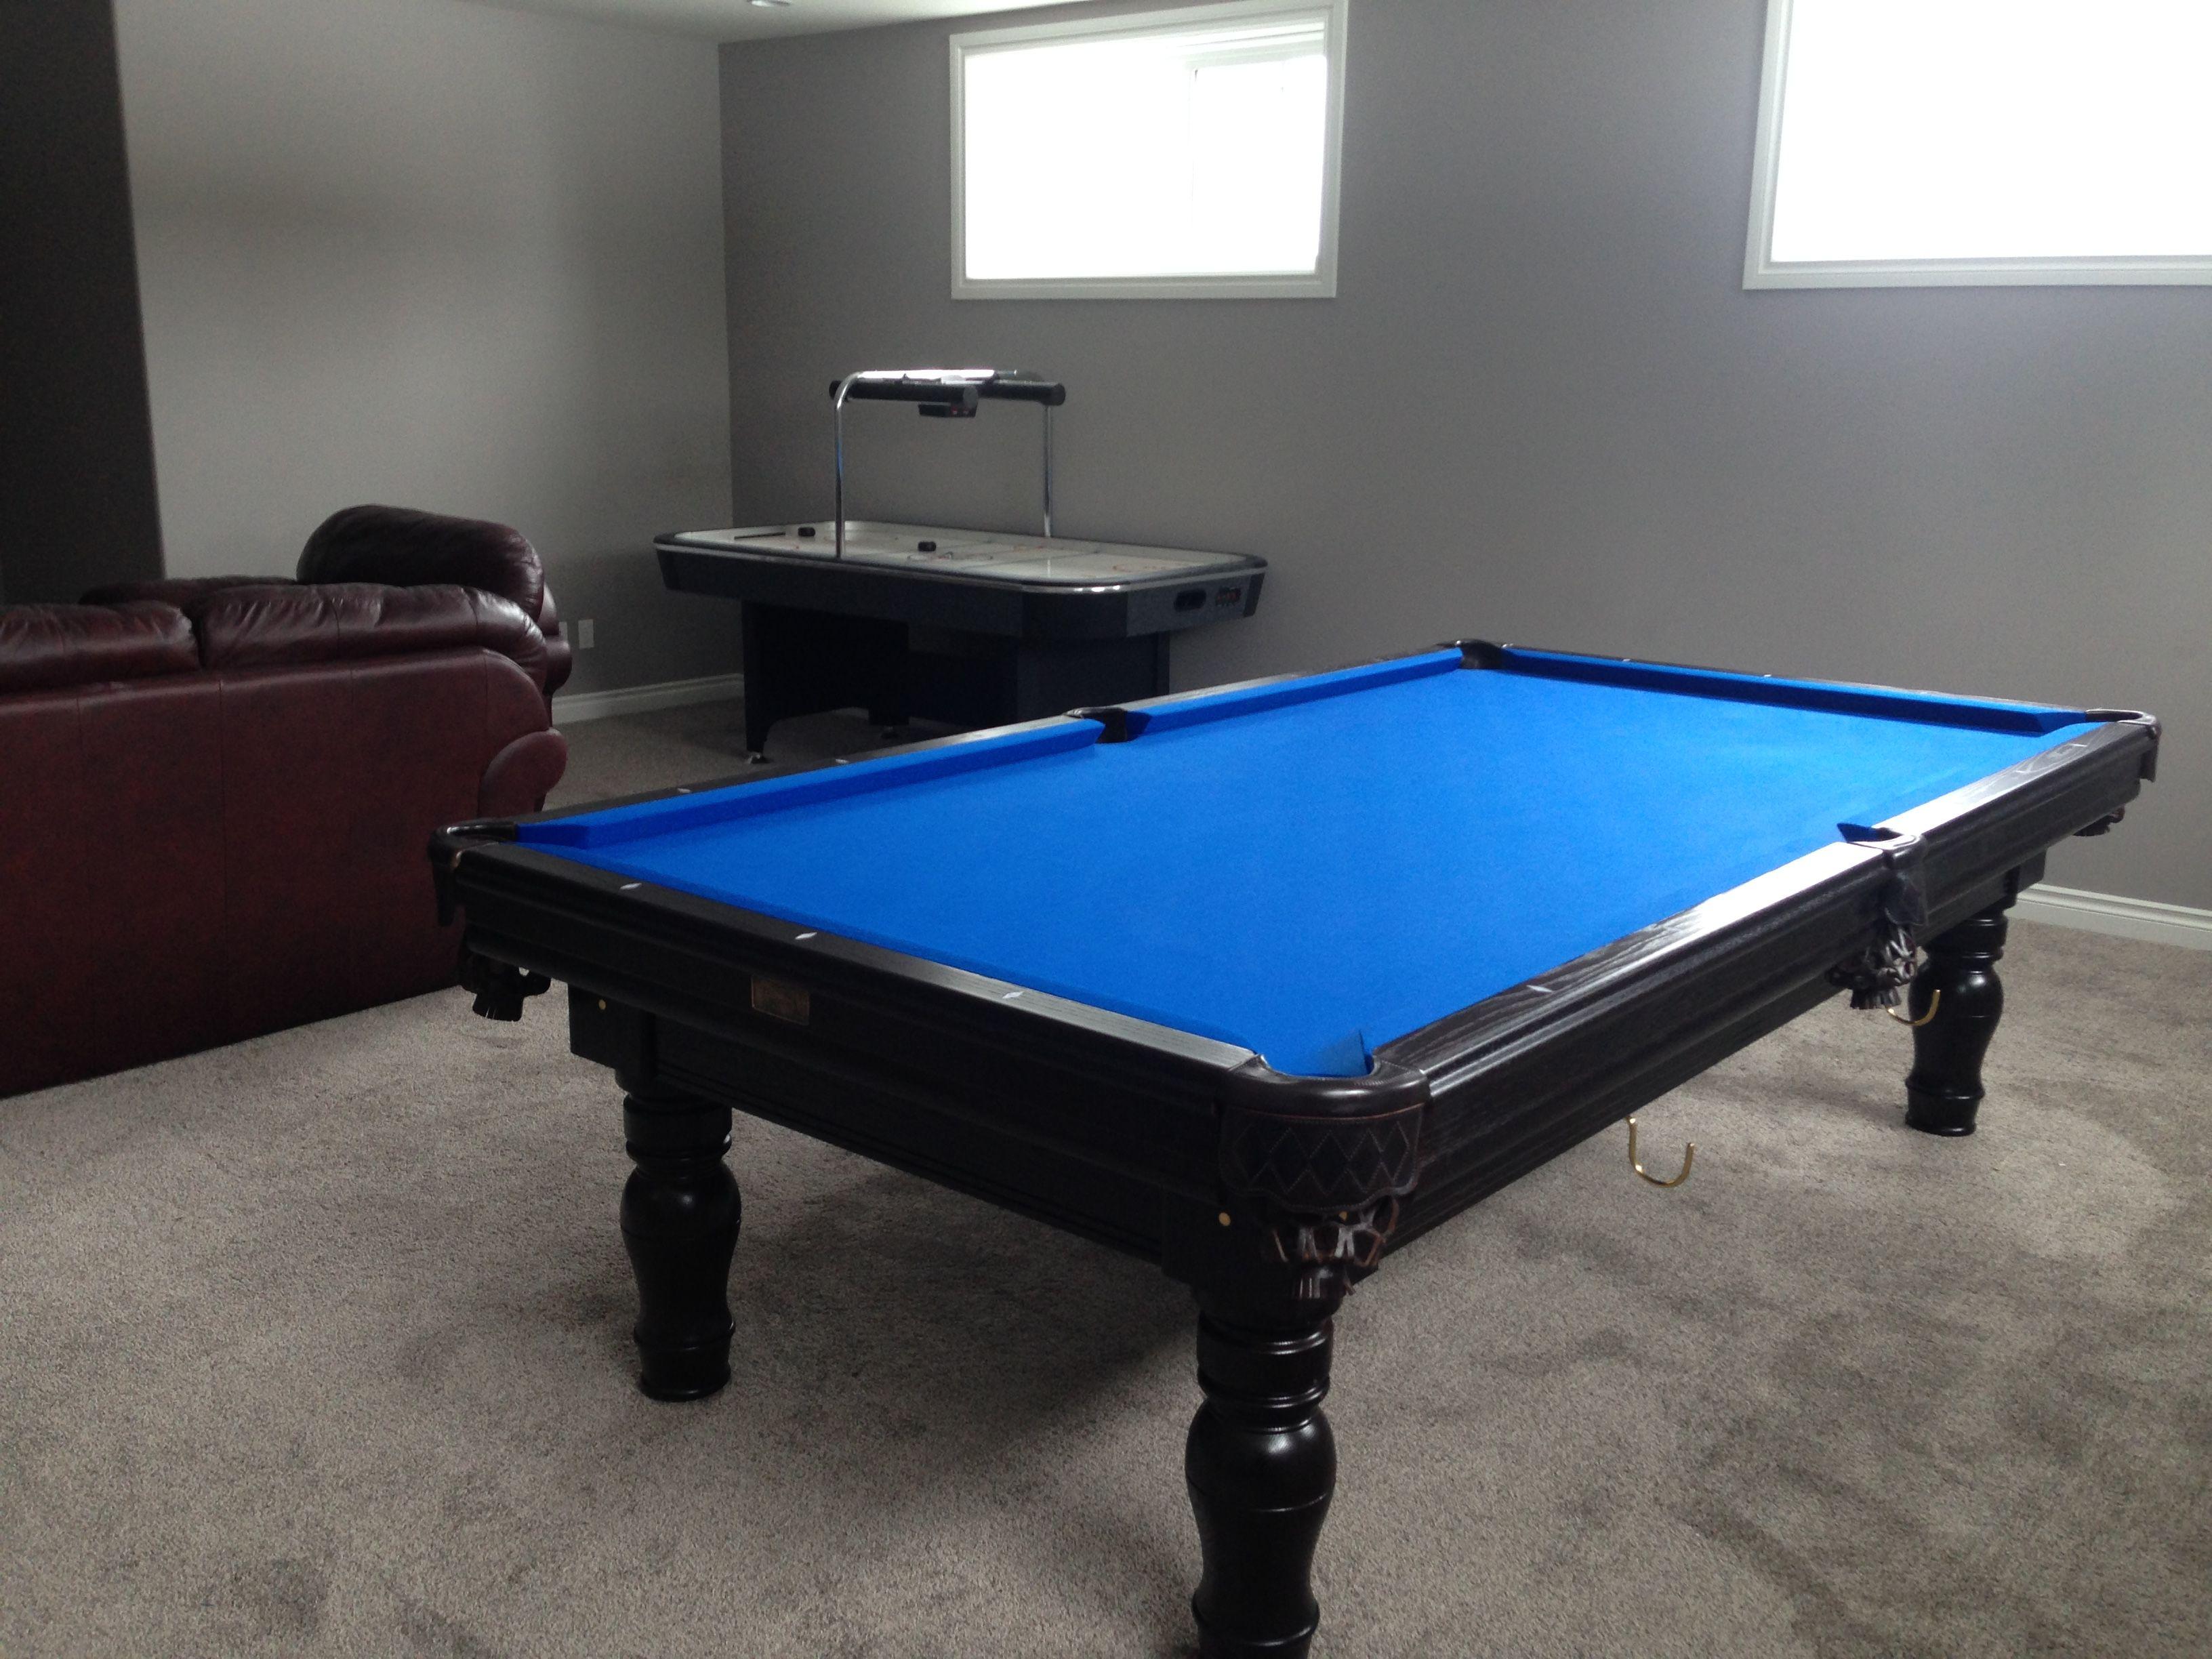 Superb Blue Pool Table #29 - Canada Billiard Prestige In Dark Walnut With Royal Blue Simonis